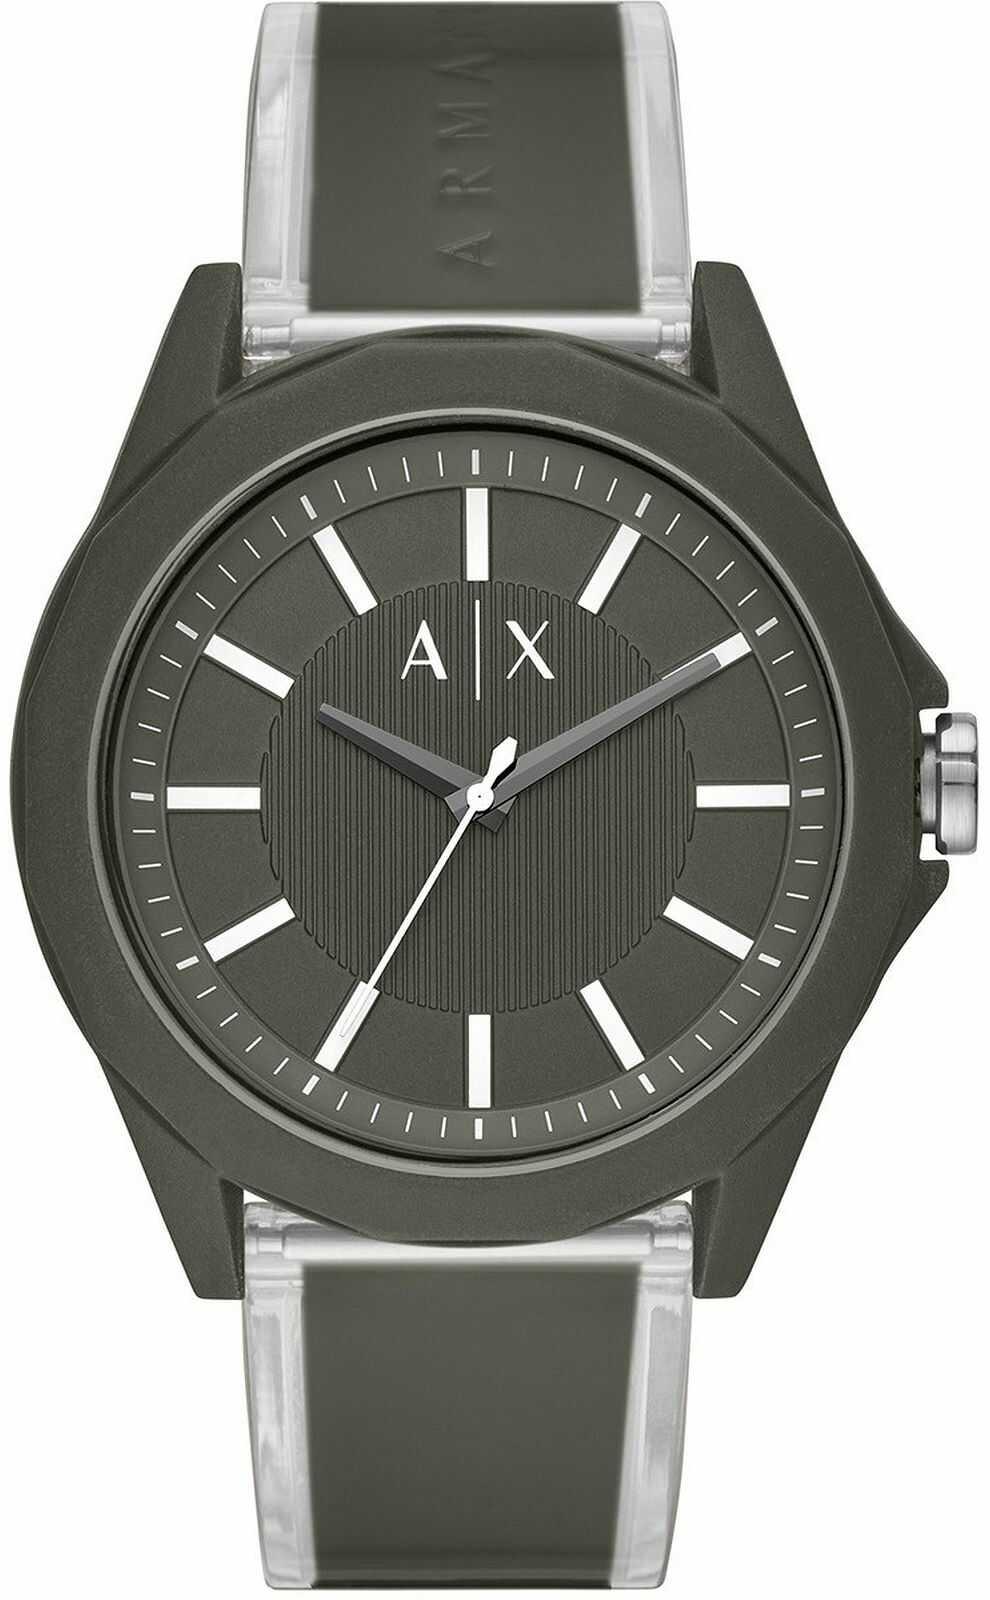 Zegarek Armani Exchange AX2638 > Wysyłka tego samego dnia Grawer 0zł Darmowa dostawa Kurierem/Inpost Darmowy zwrot przez 100 DNI